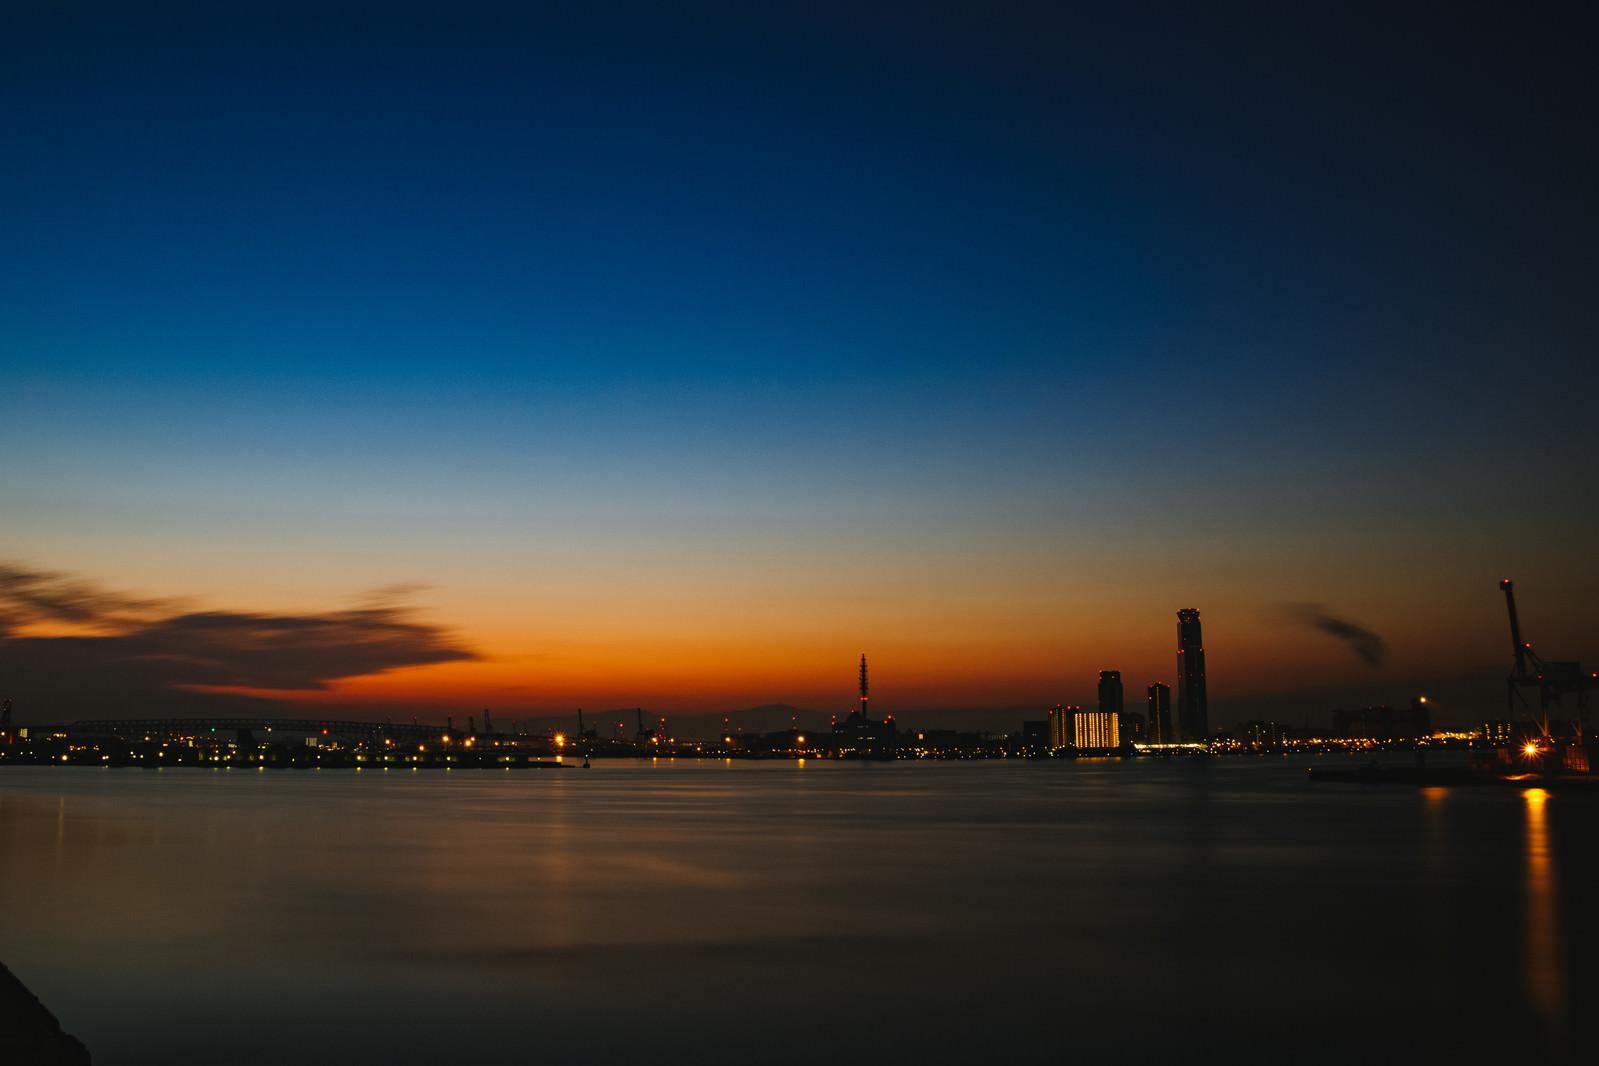 「静寂な朝焼け」の写真